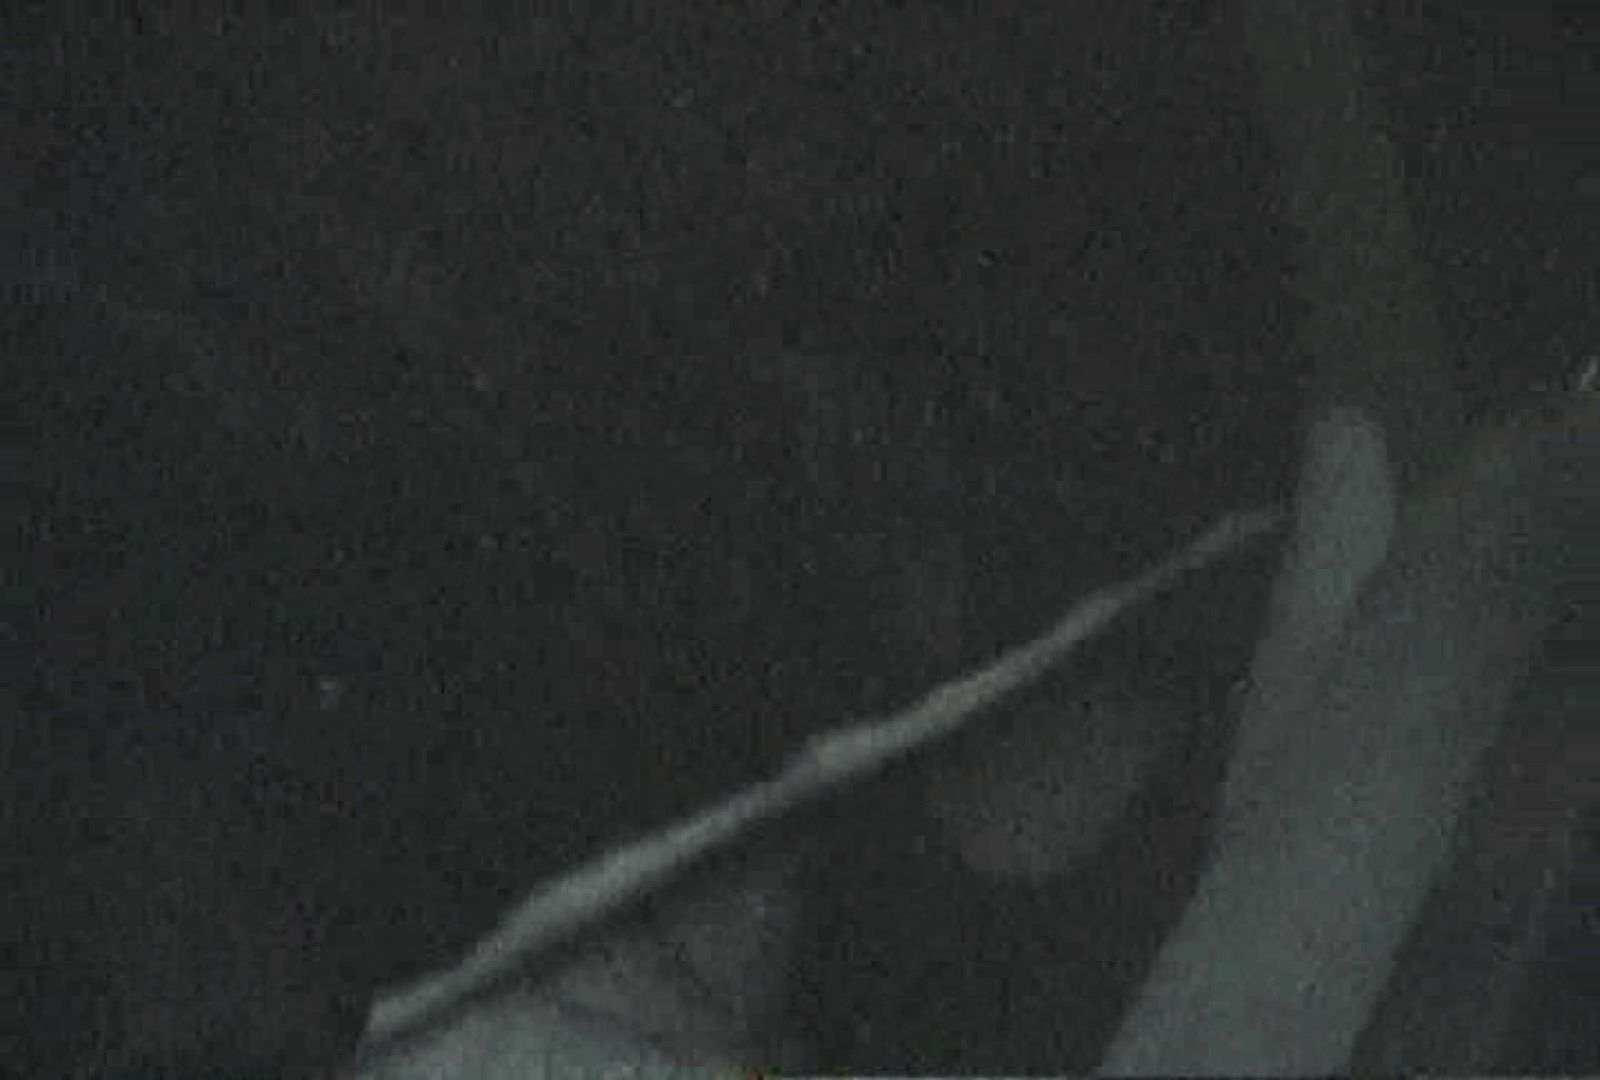 充血監督の深夜の運動会Vol.88 細身 | OLセックス  51画像 6